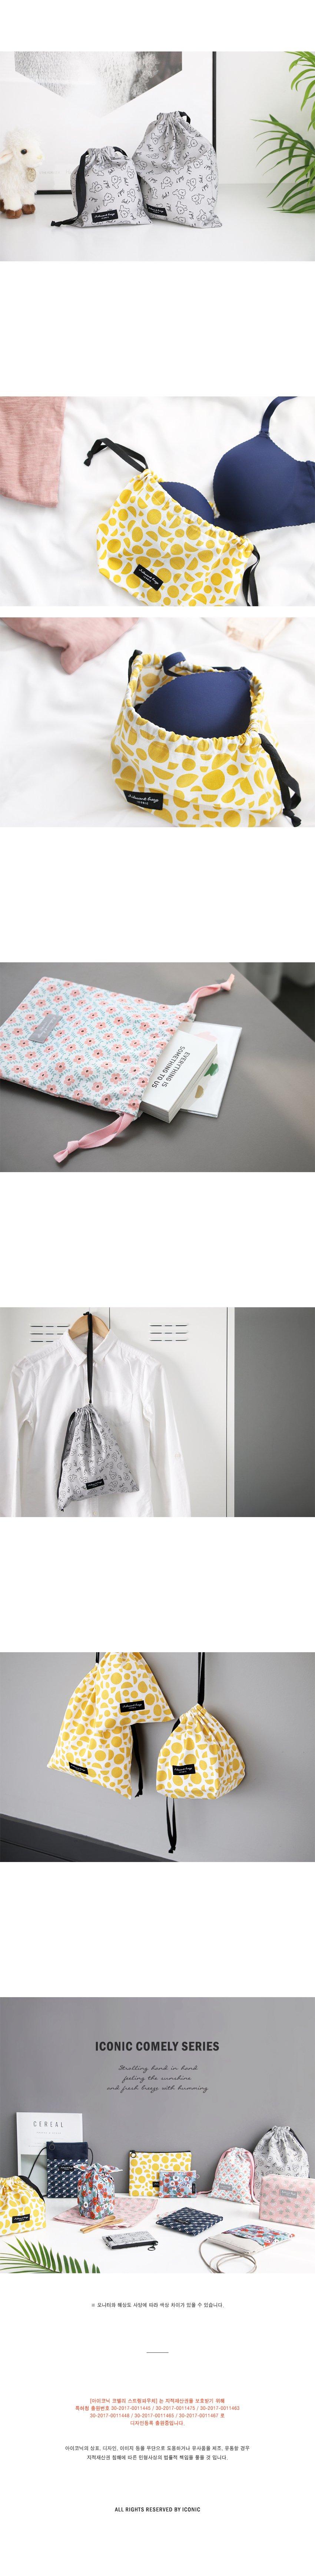 아이코닉 코멜리 스트링 파우치 CUBE - 아이코닉, 9,800원, 메이크업 파우치, 끈/주머니형